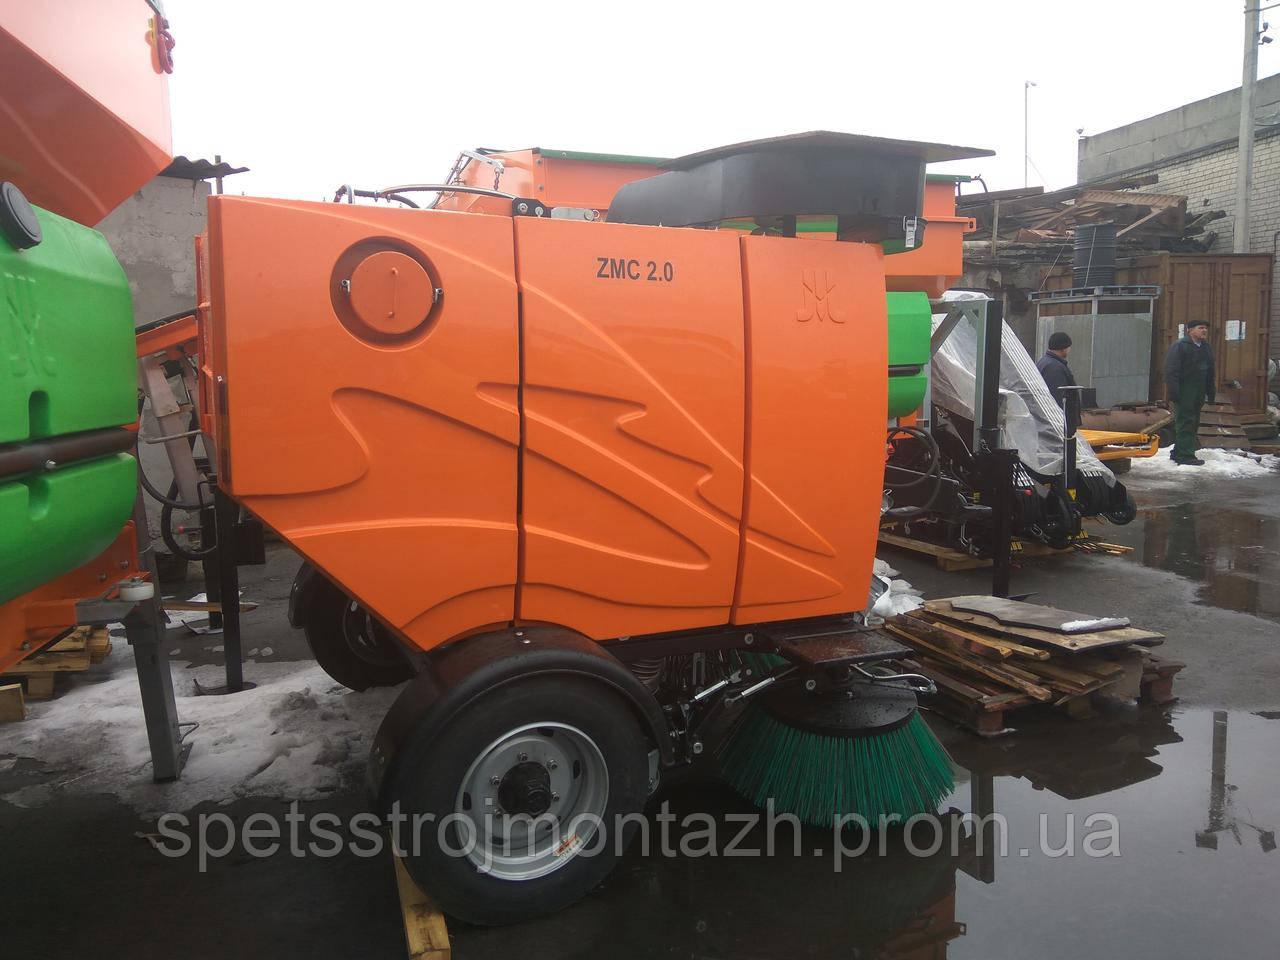 Коммунальная машина пылесос прицепной ZMC-2.0 для трактора (производство Польша, завод Pronar)